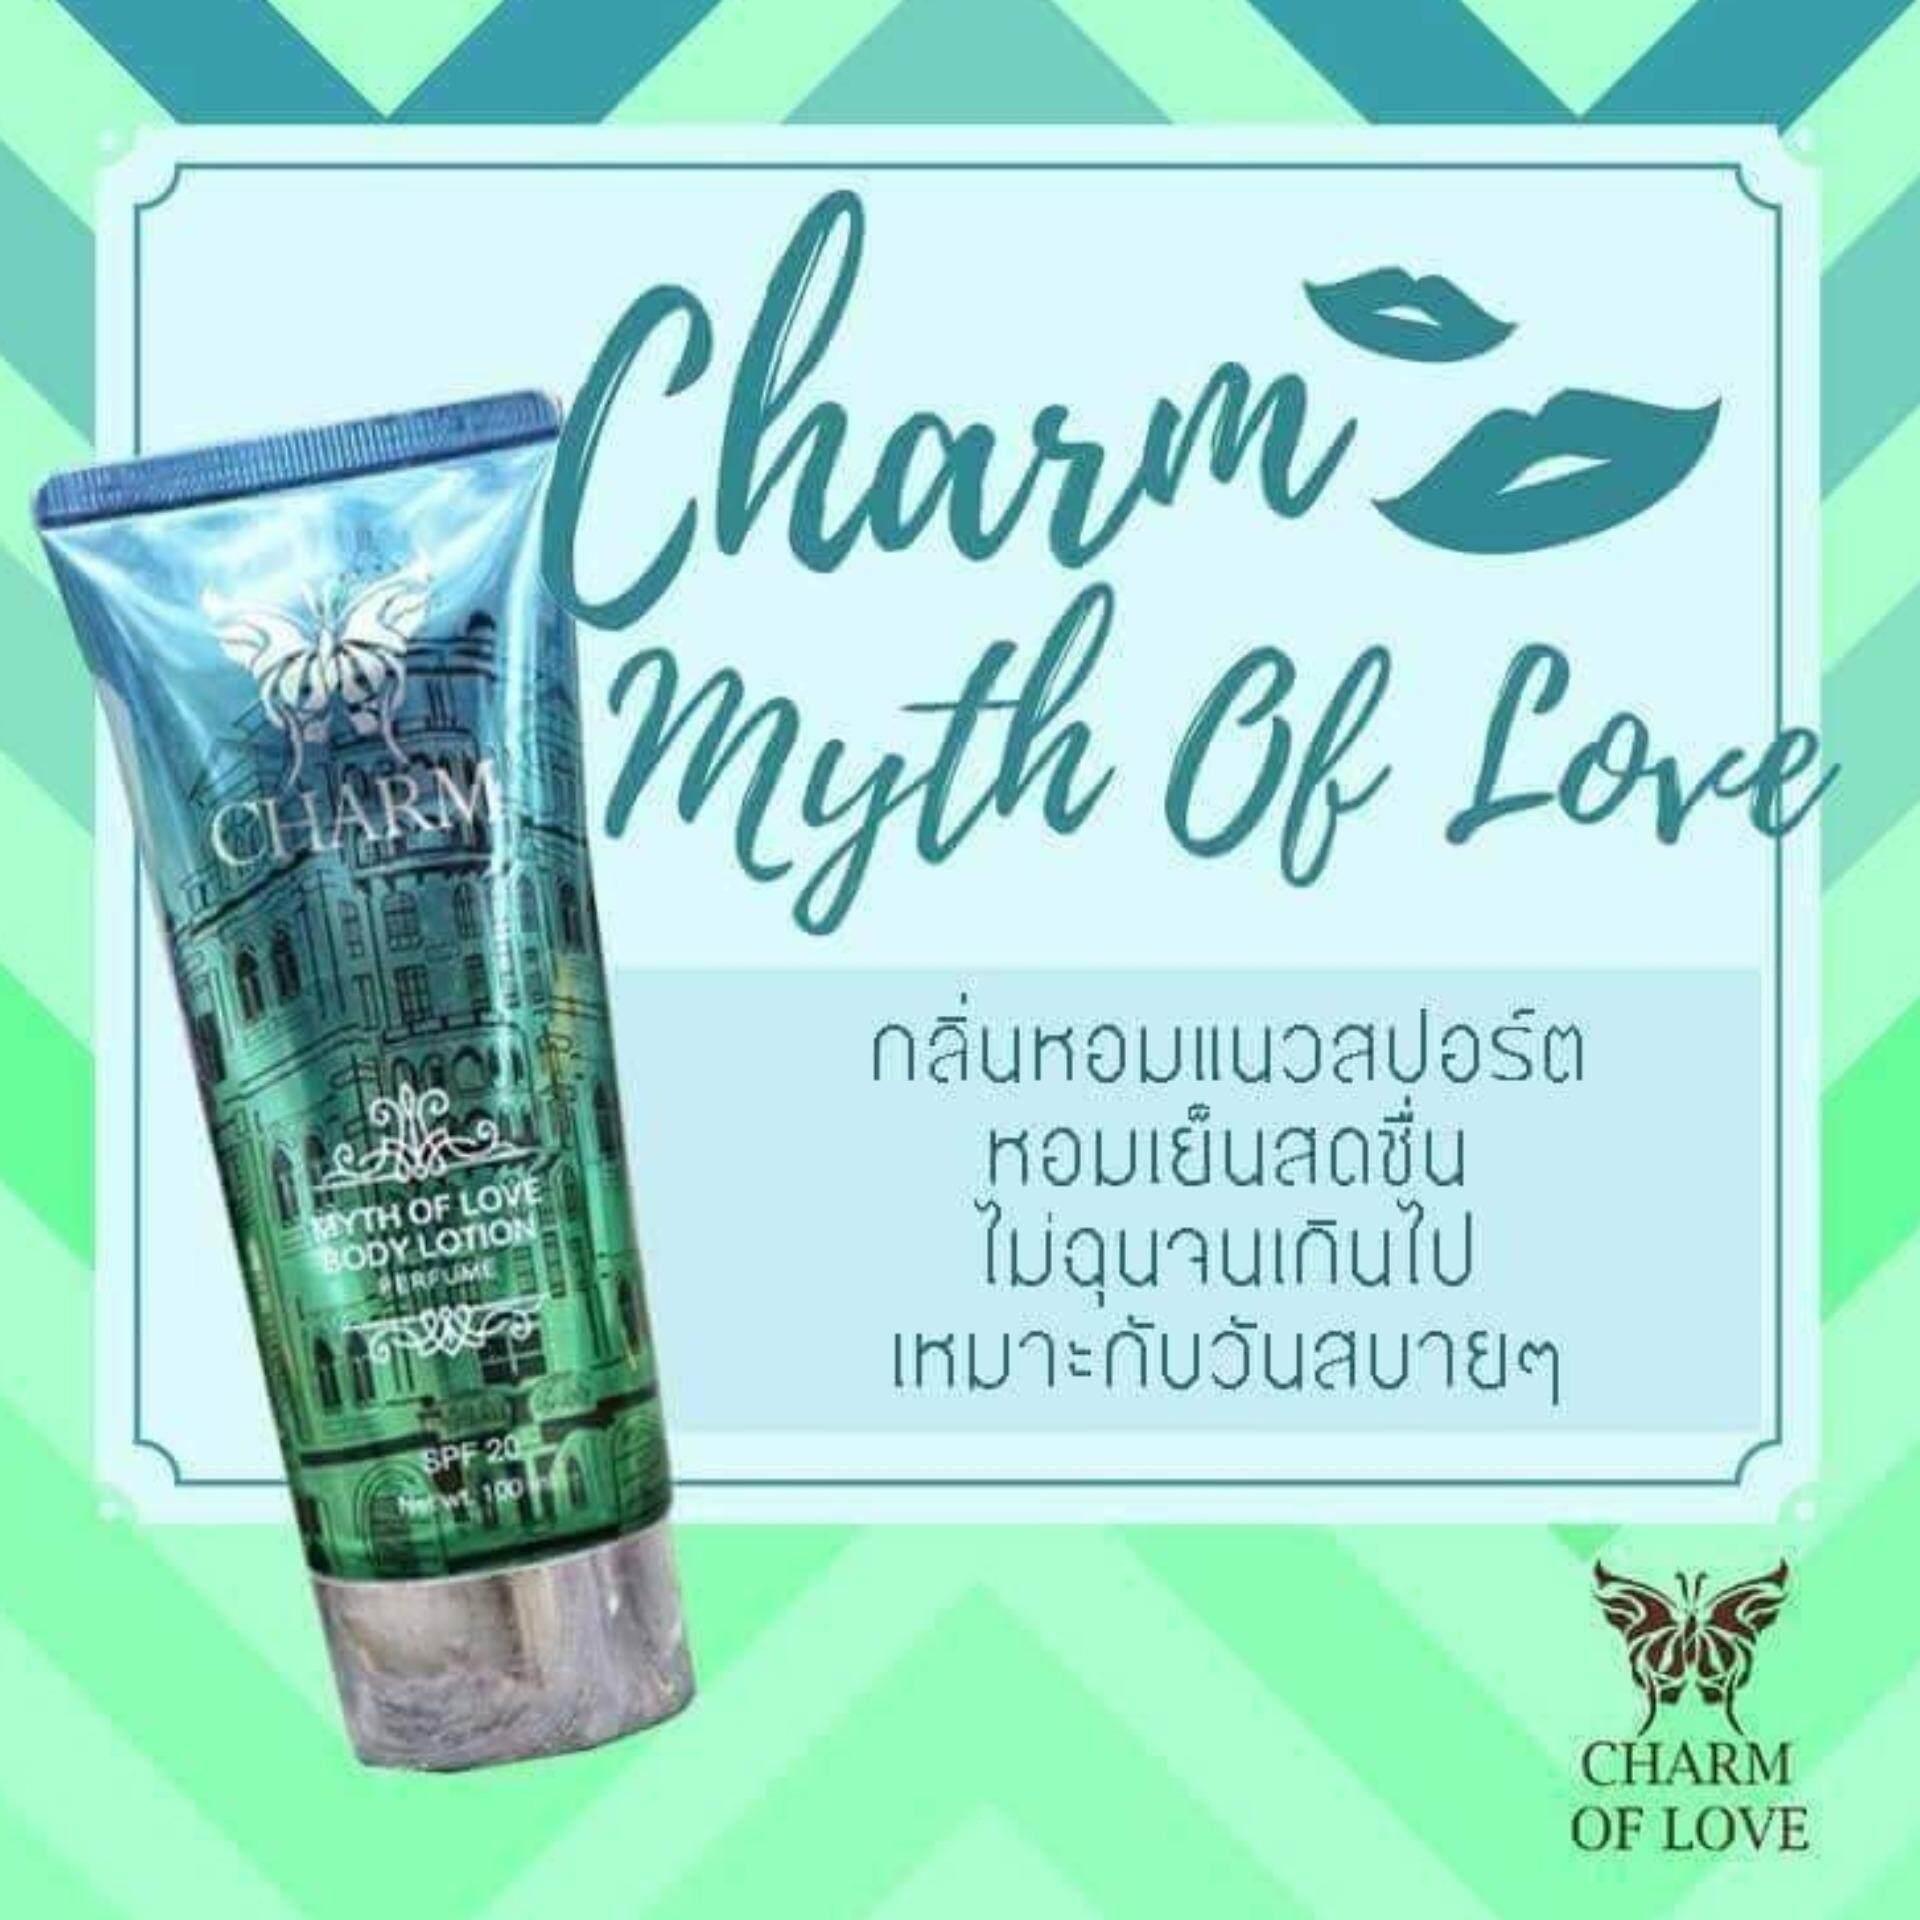 CHARM OF LOVE โลชั่นน้ำหอม กลิ่น MYTH ฟรี เทสเตอร์ขนาด 5g เมื่อซื้อครบสองหลอด